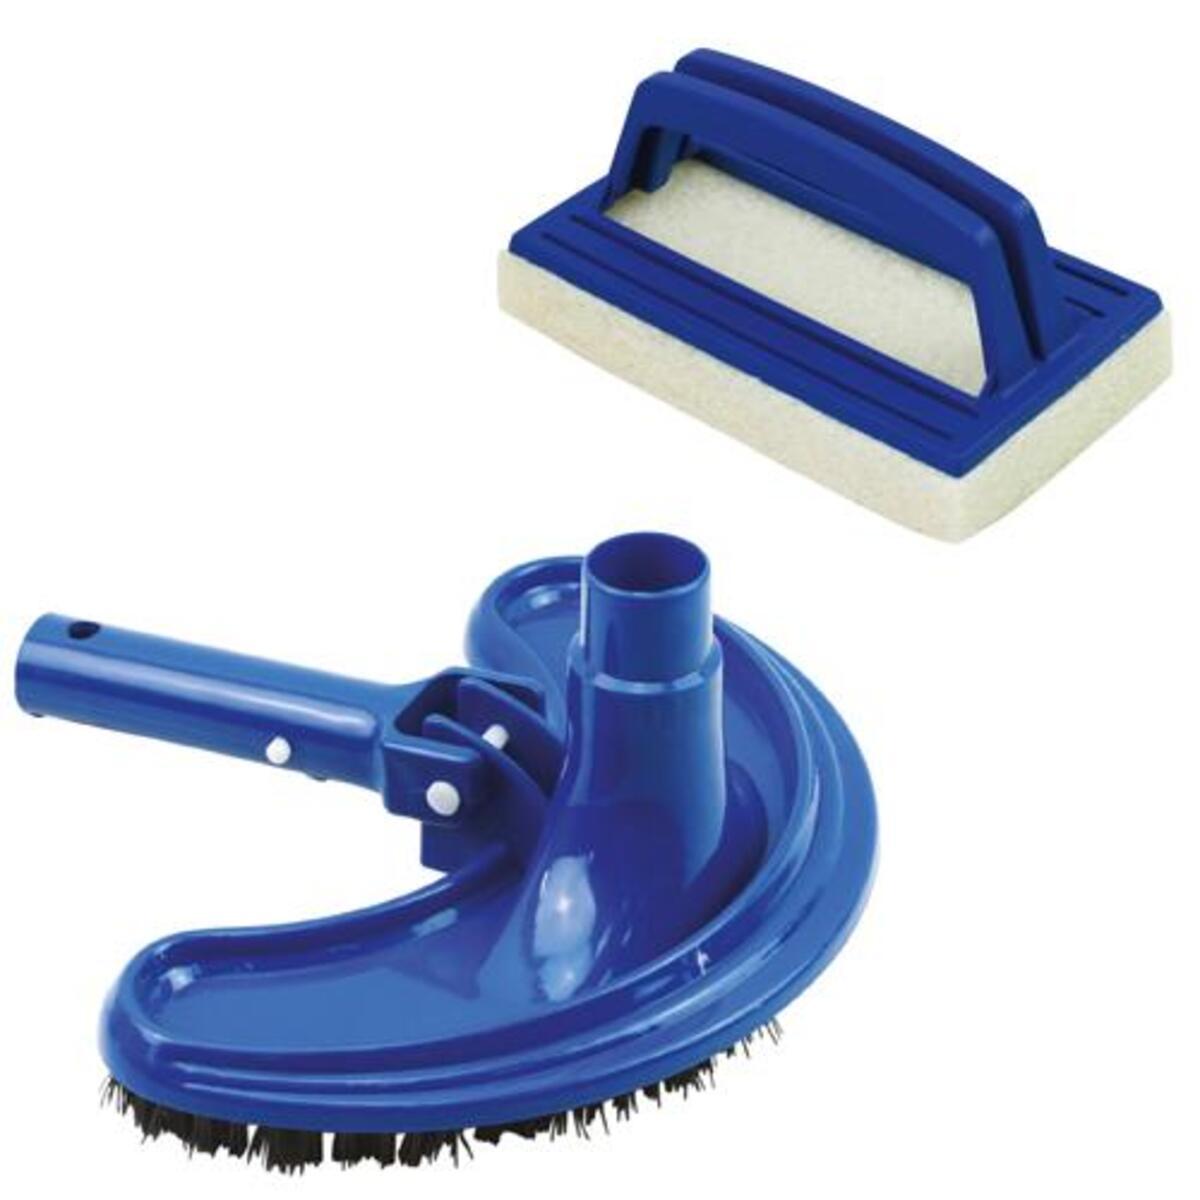 Bild 4 von Mauk Reinigungs- Saug- Aufsatz Bodendüse Ø 38mm + Mauk Pool Hand Schrubber Bürste mit Handriff